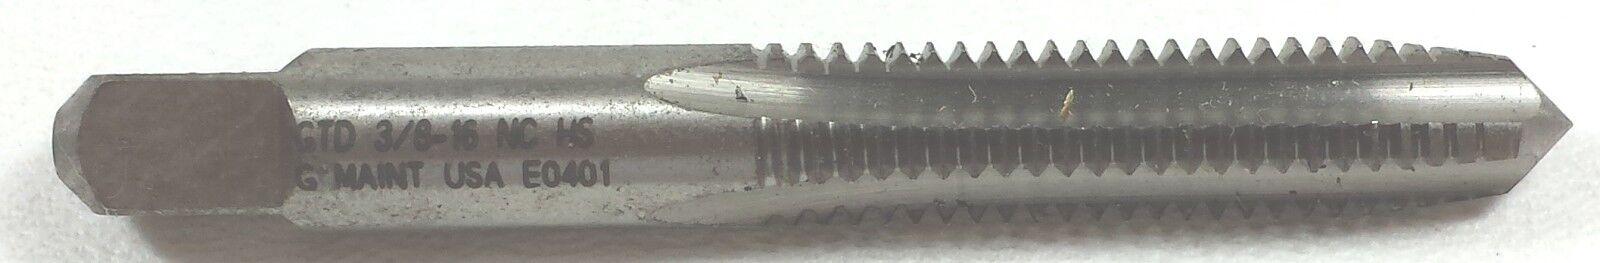 Lot Of 3 Sossner M12x1.75 HSS D11 Taps NEW